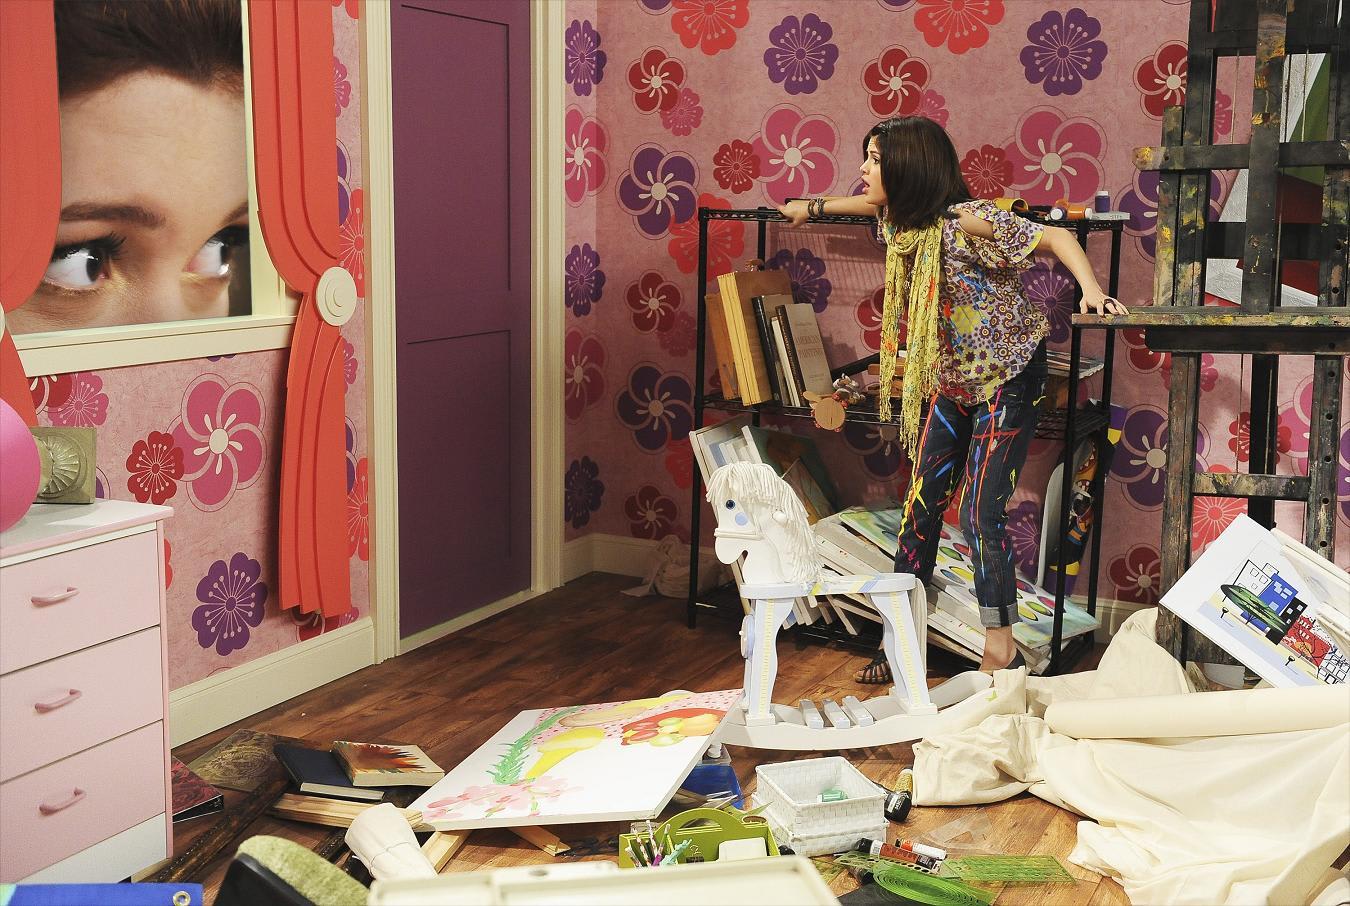 gomez bedroom in wizards - photo #13